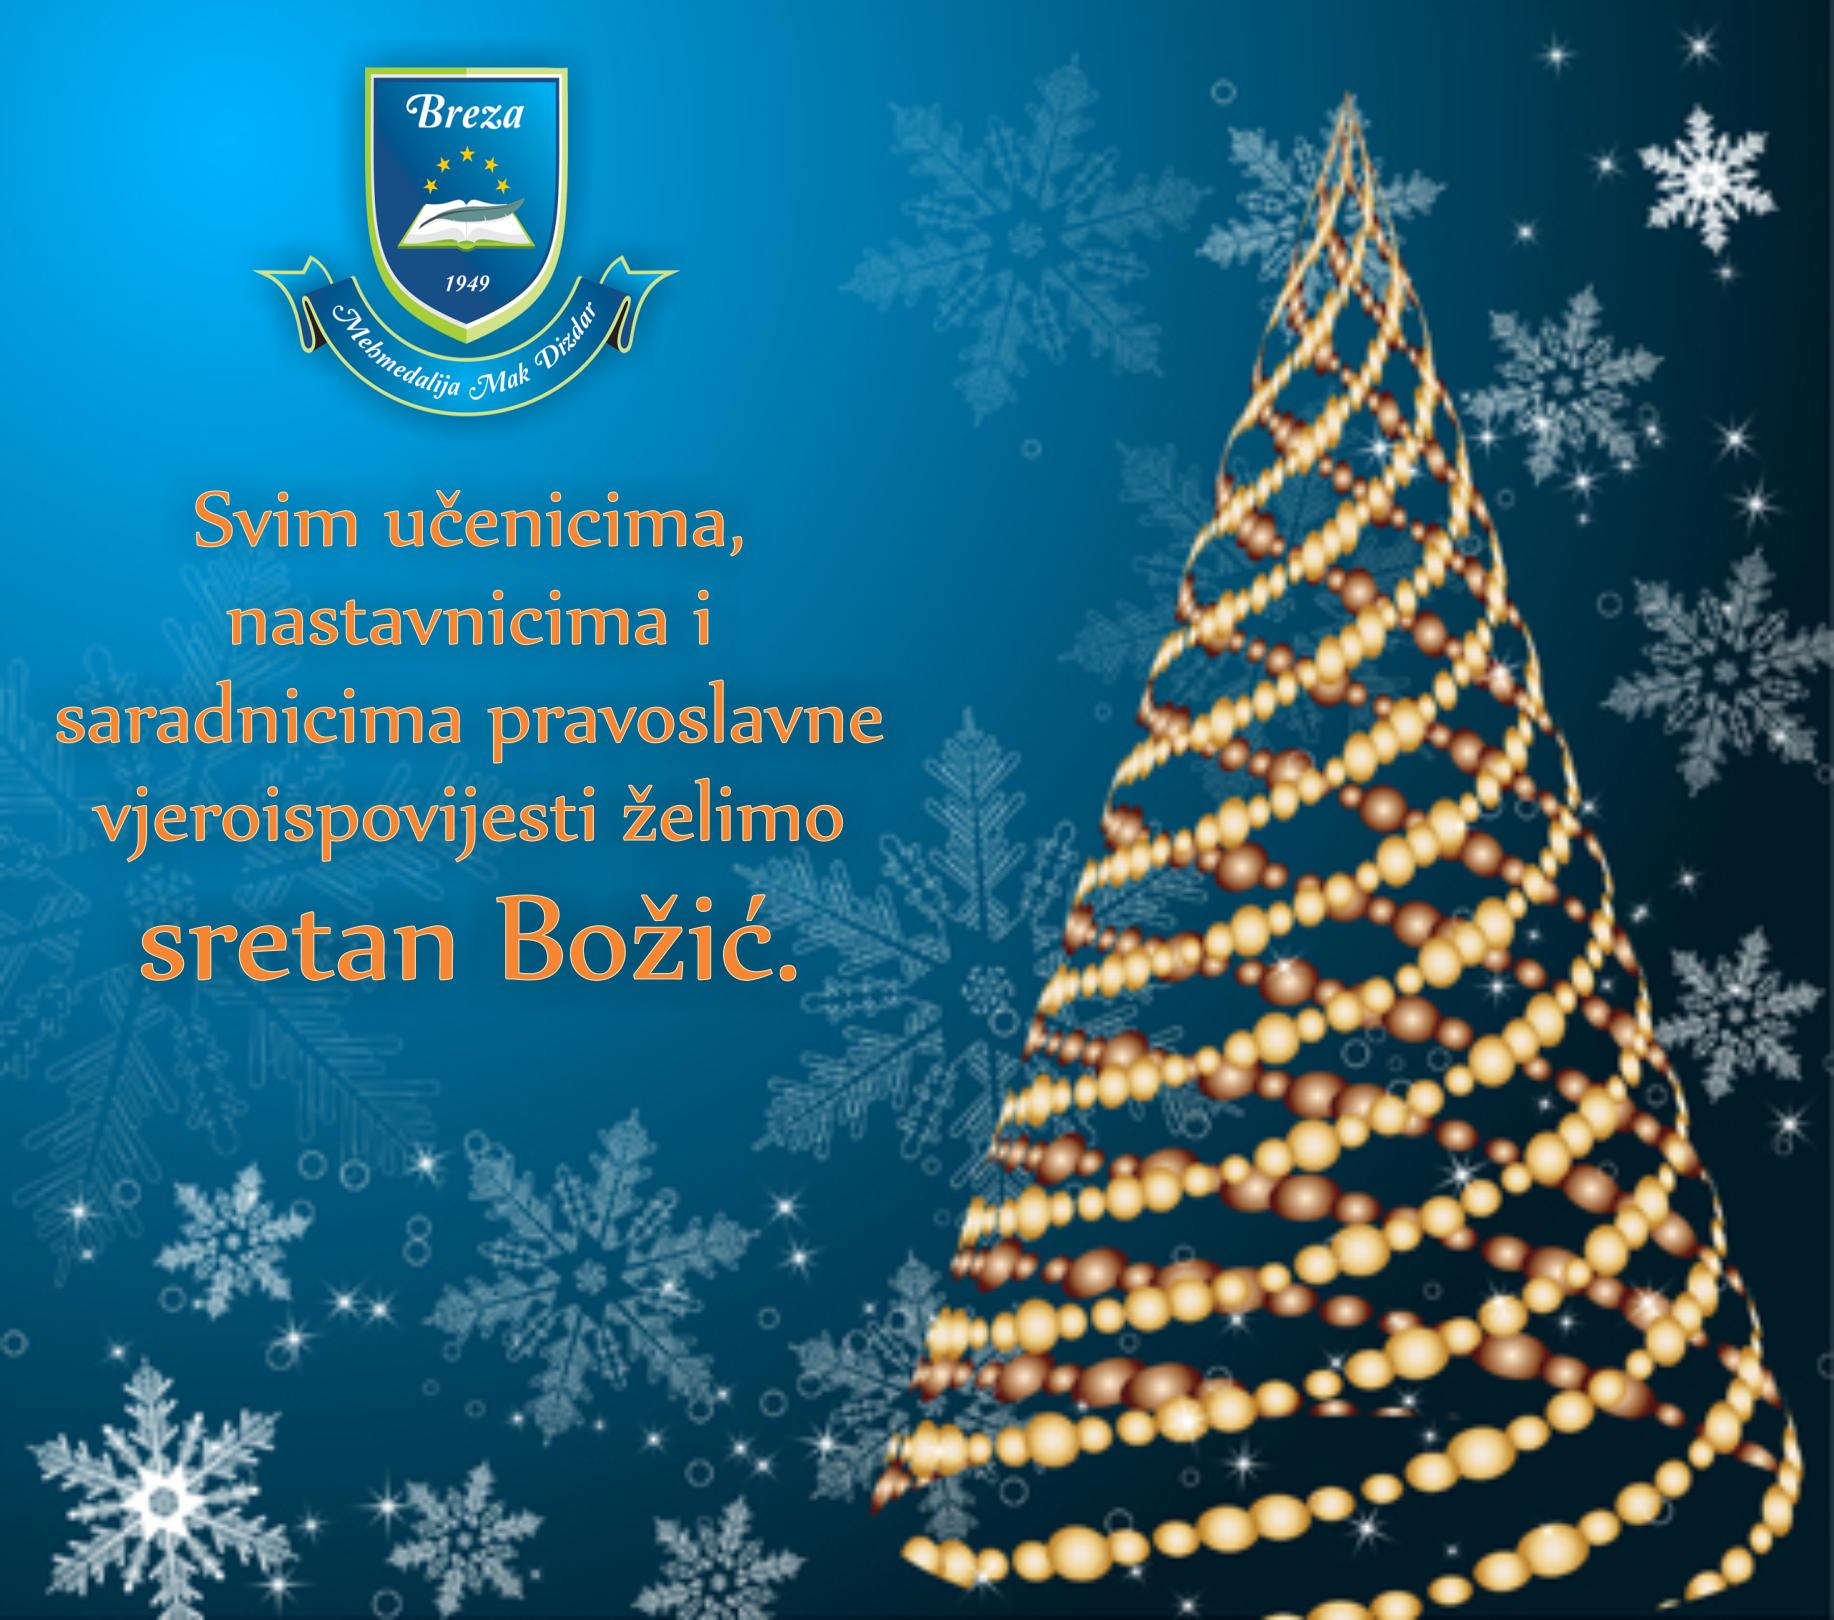 Cestitka Bozic MSS-prav2019